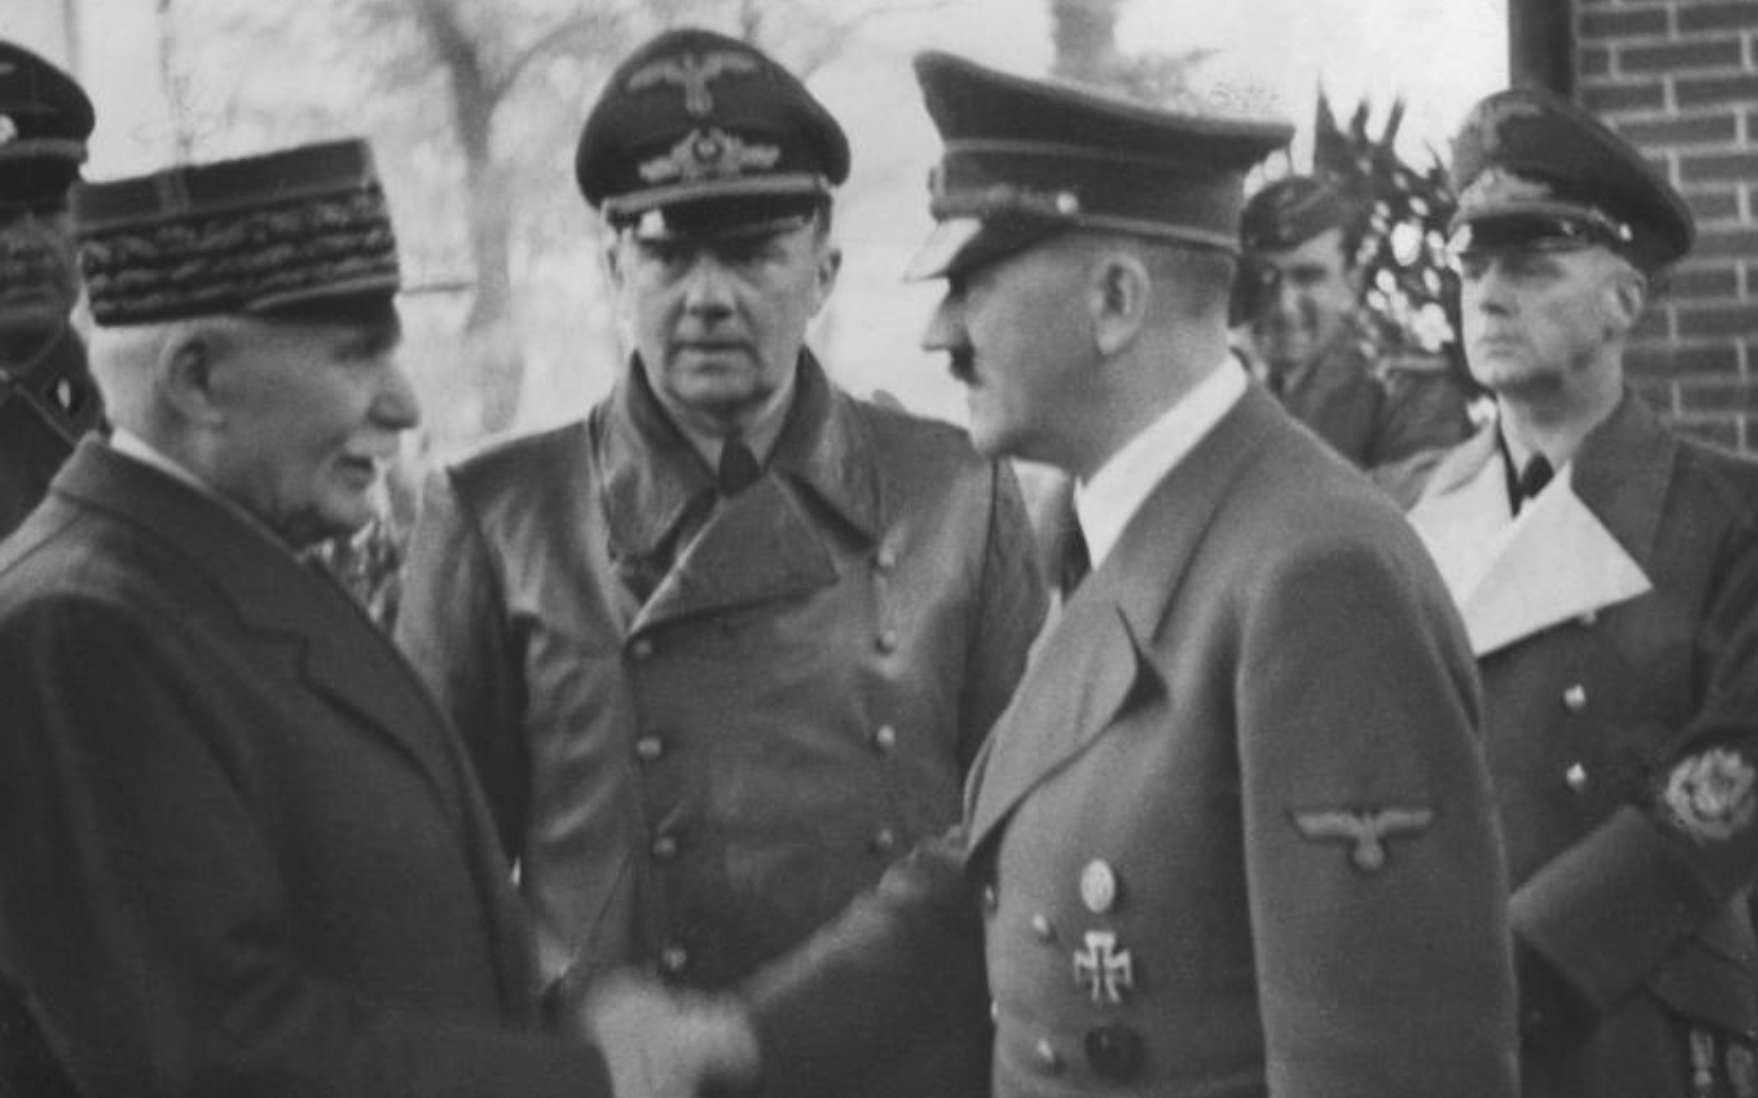 Le maréchal Philippe Pétain, ici avec Adolf Hitler, est un des symboles de la collaboration durant la seconde guerre mondiale. © Jäger, Wikimedia Commons, CC by-sa 3.0